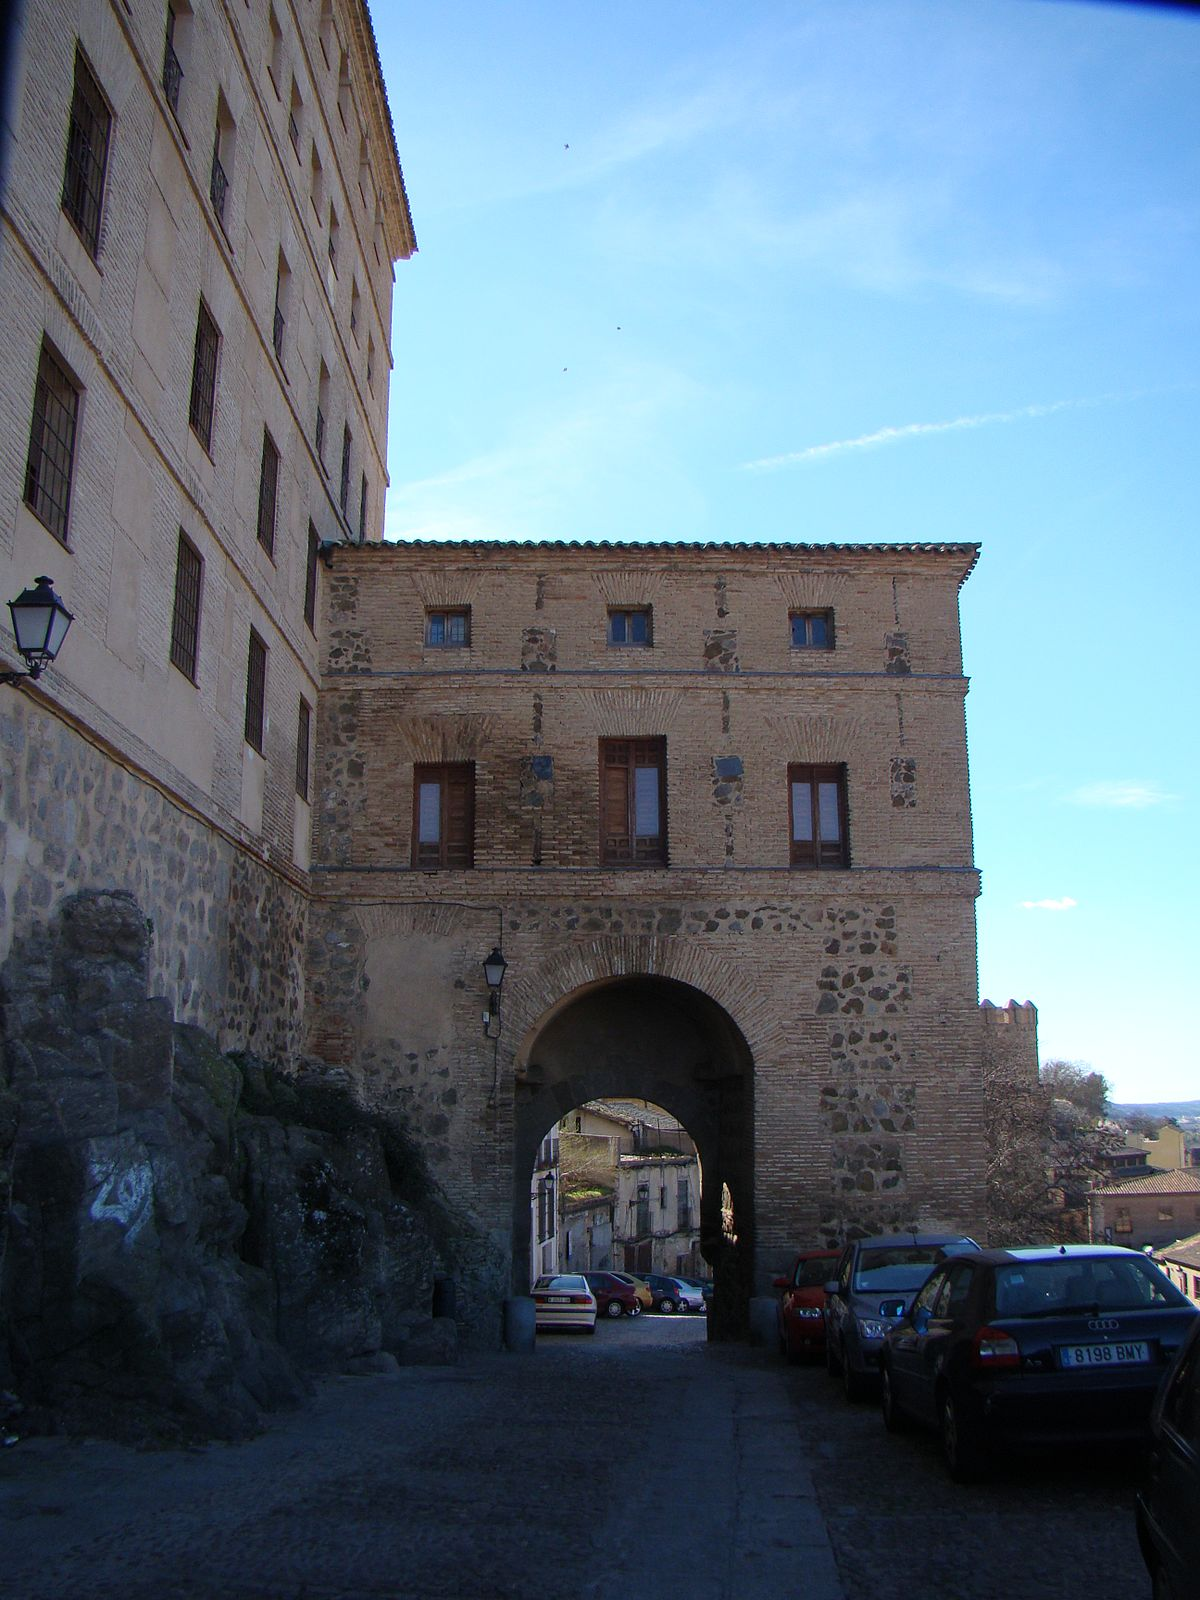 puerta de alarcones wikipedia